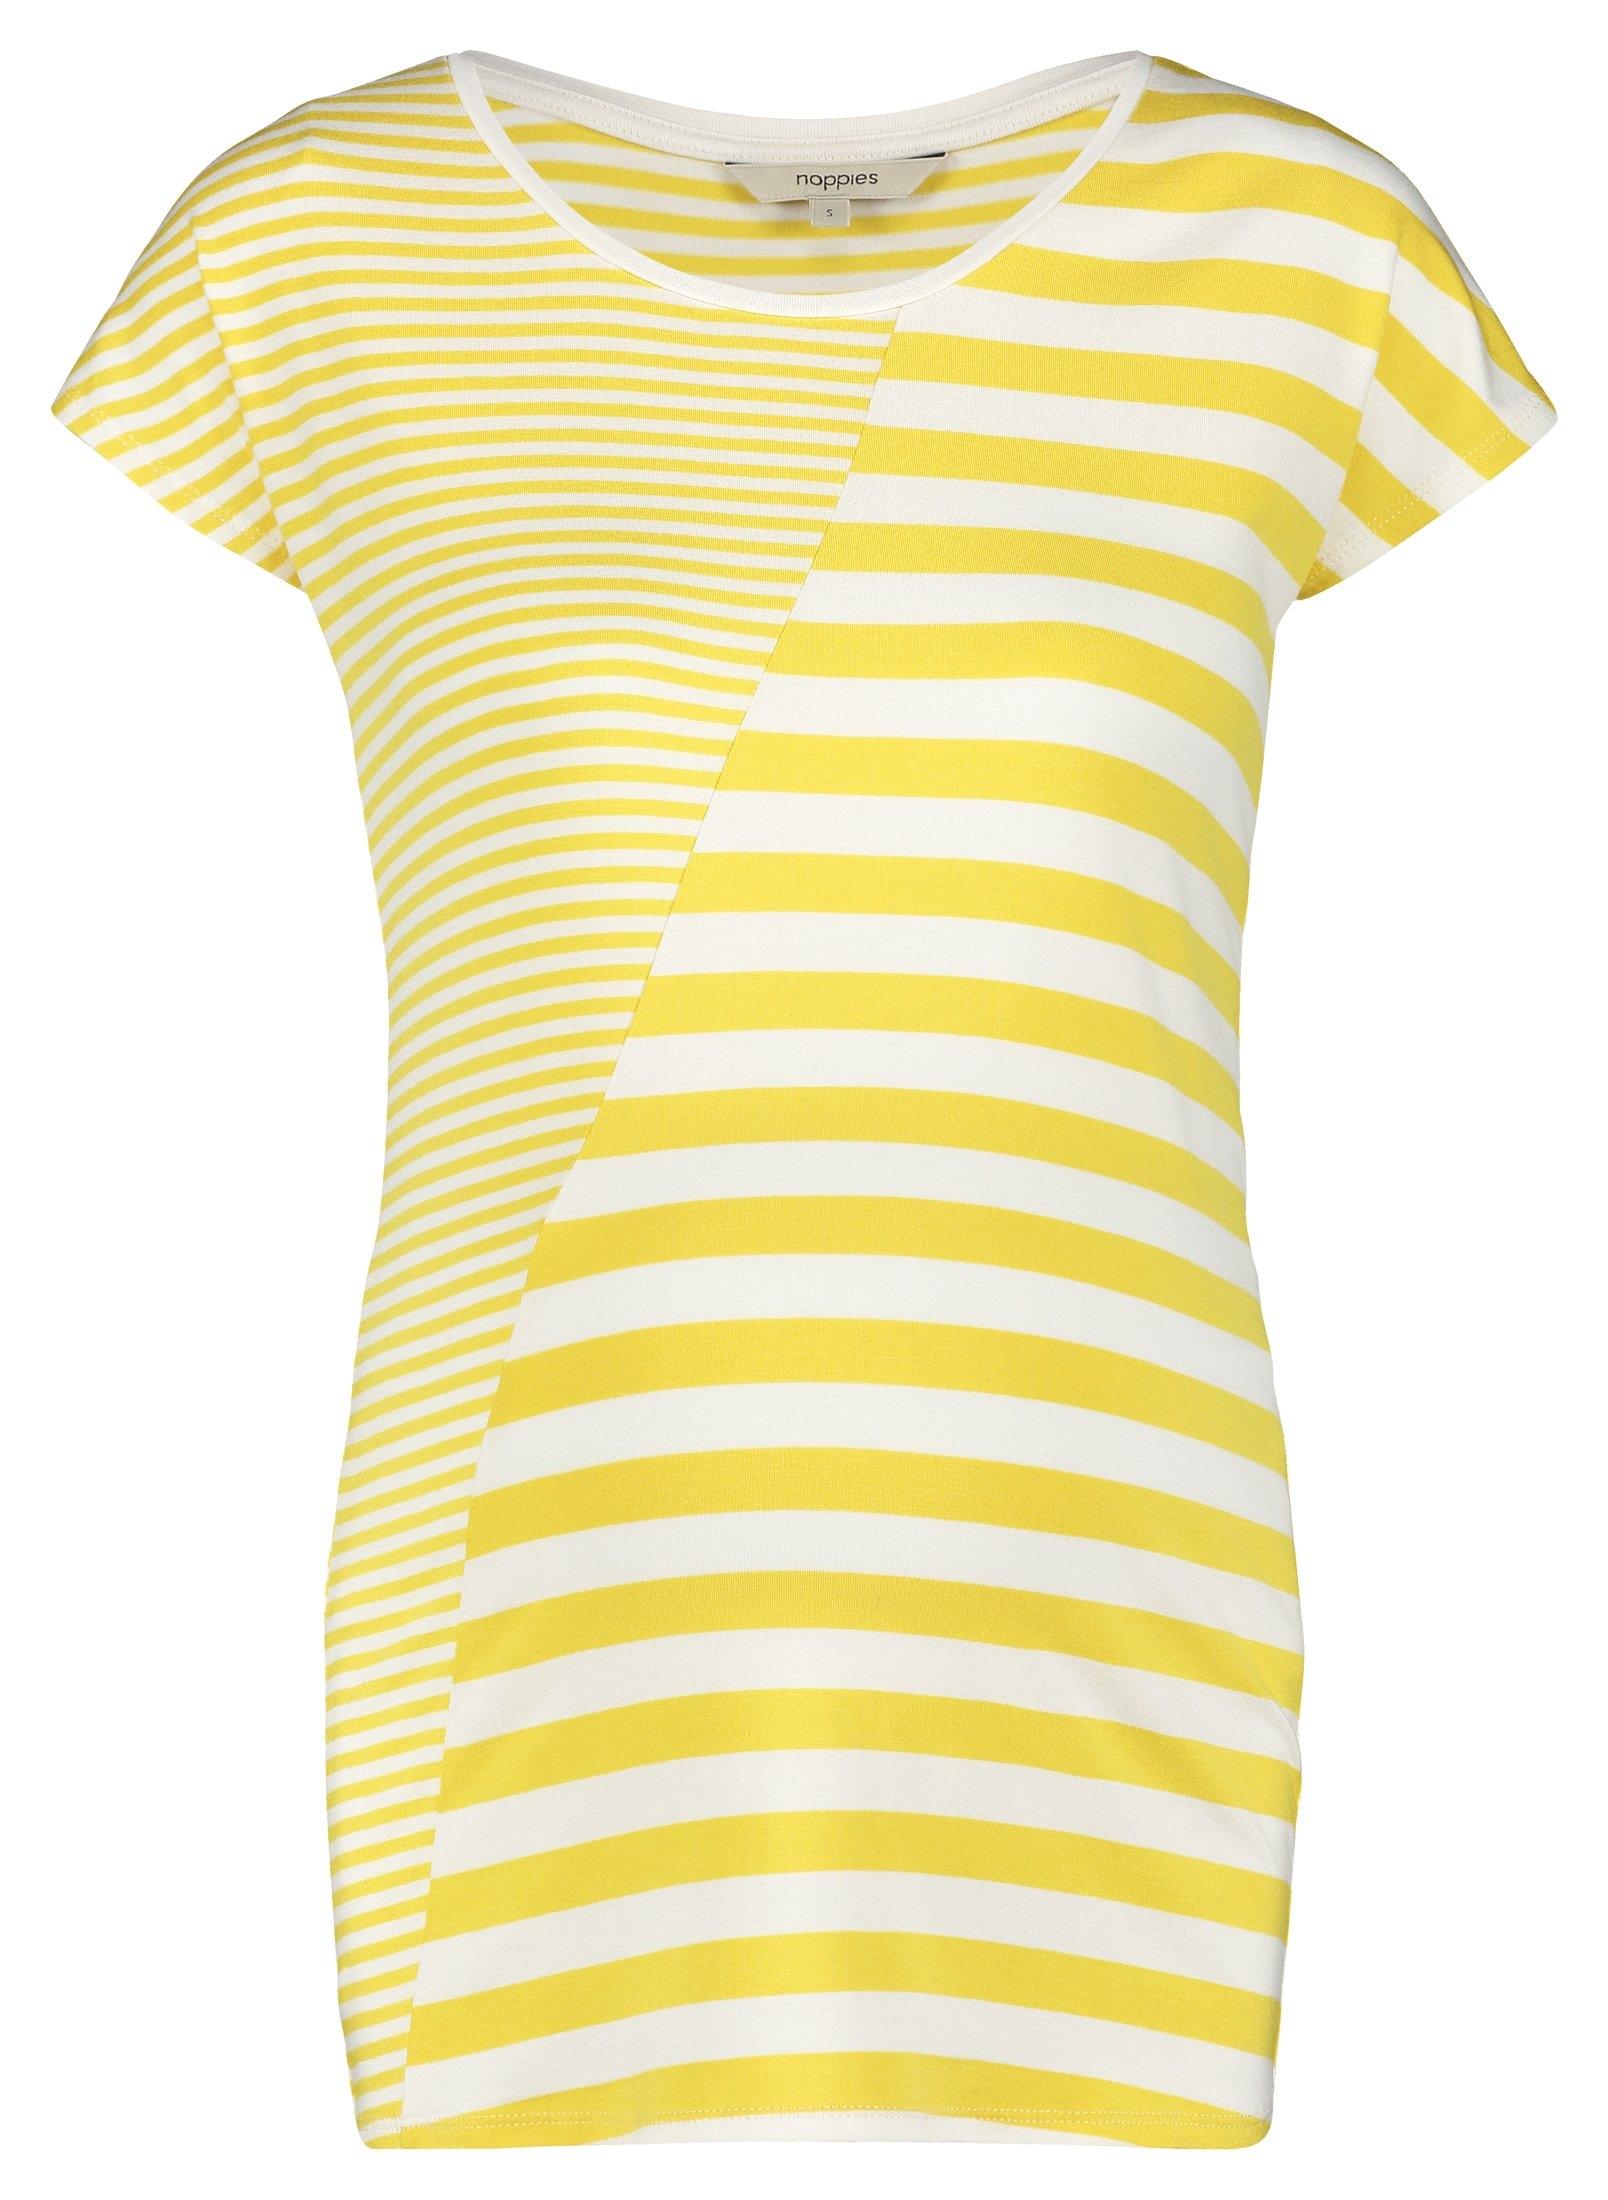 Noppies T-shirt »Noni« bestellen: 14 dagen bedenktijd